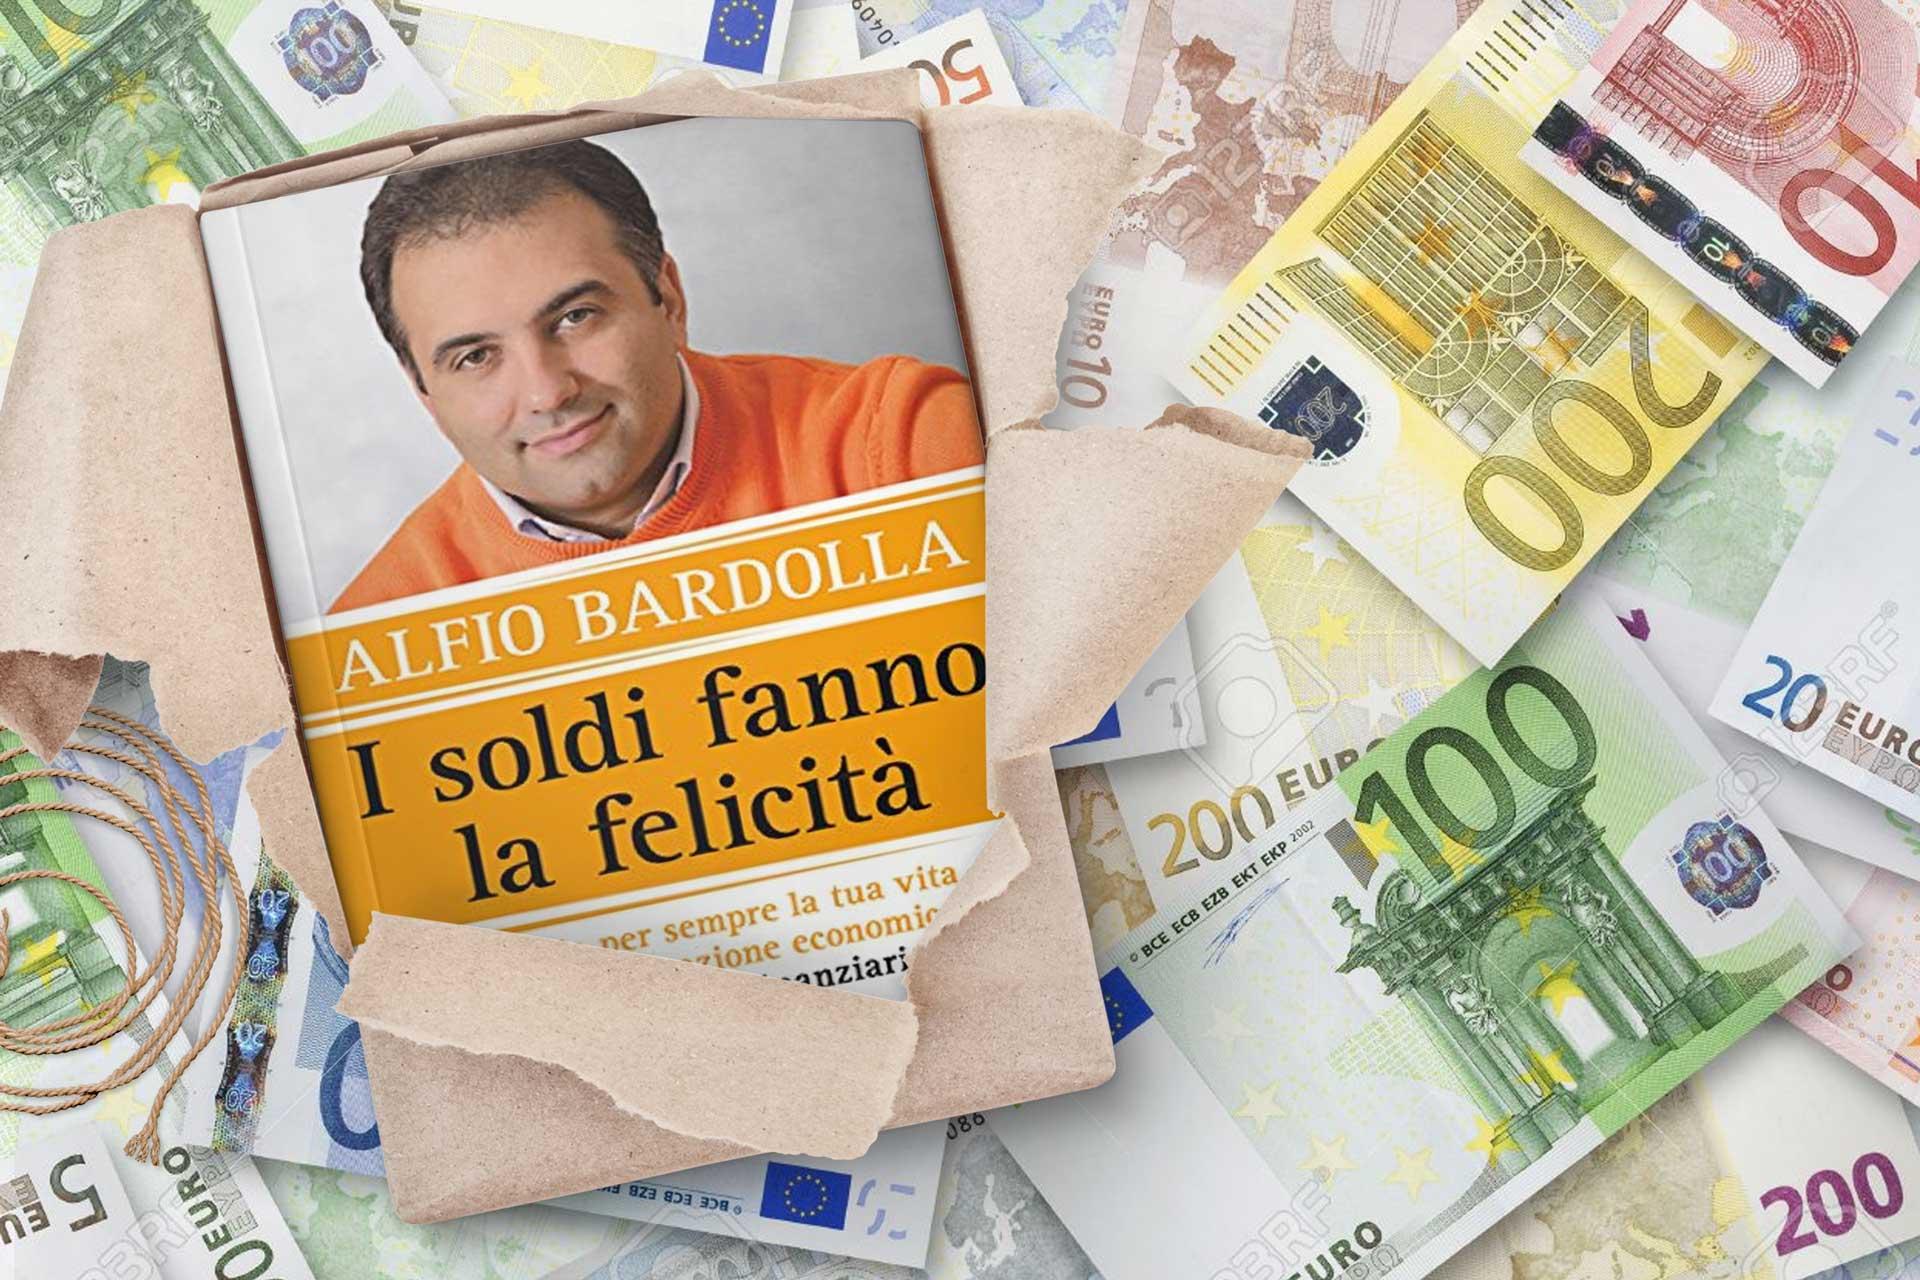 i-soldi-fanno-la-felicità-alfio-bardolla-libro